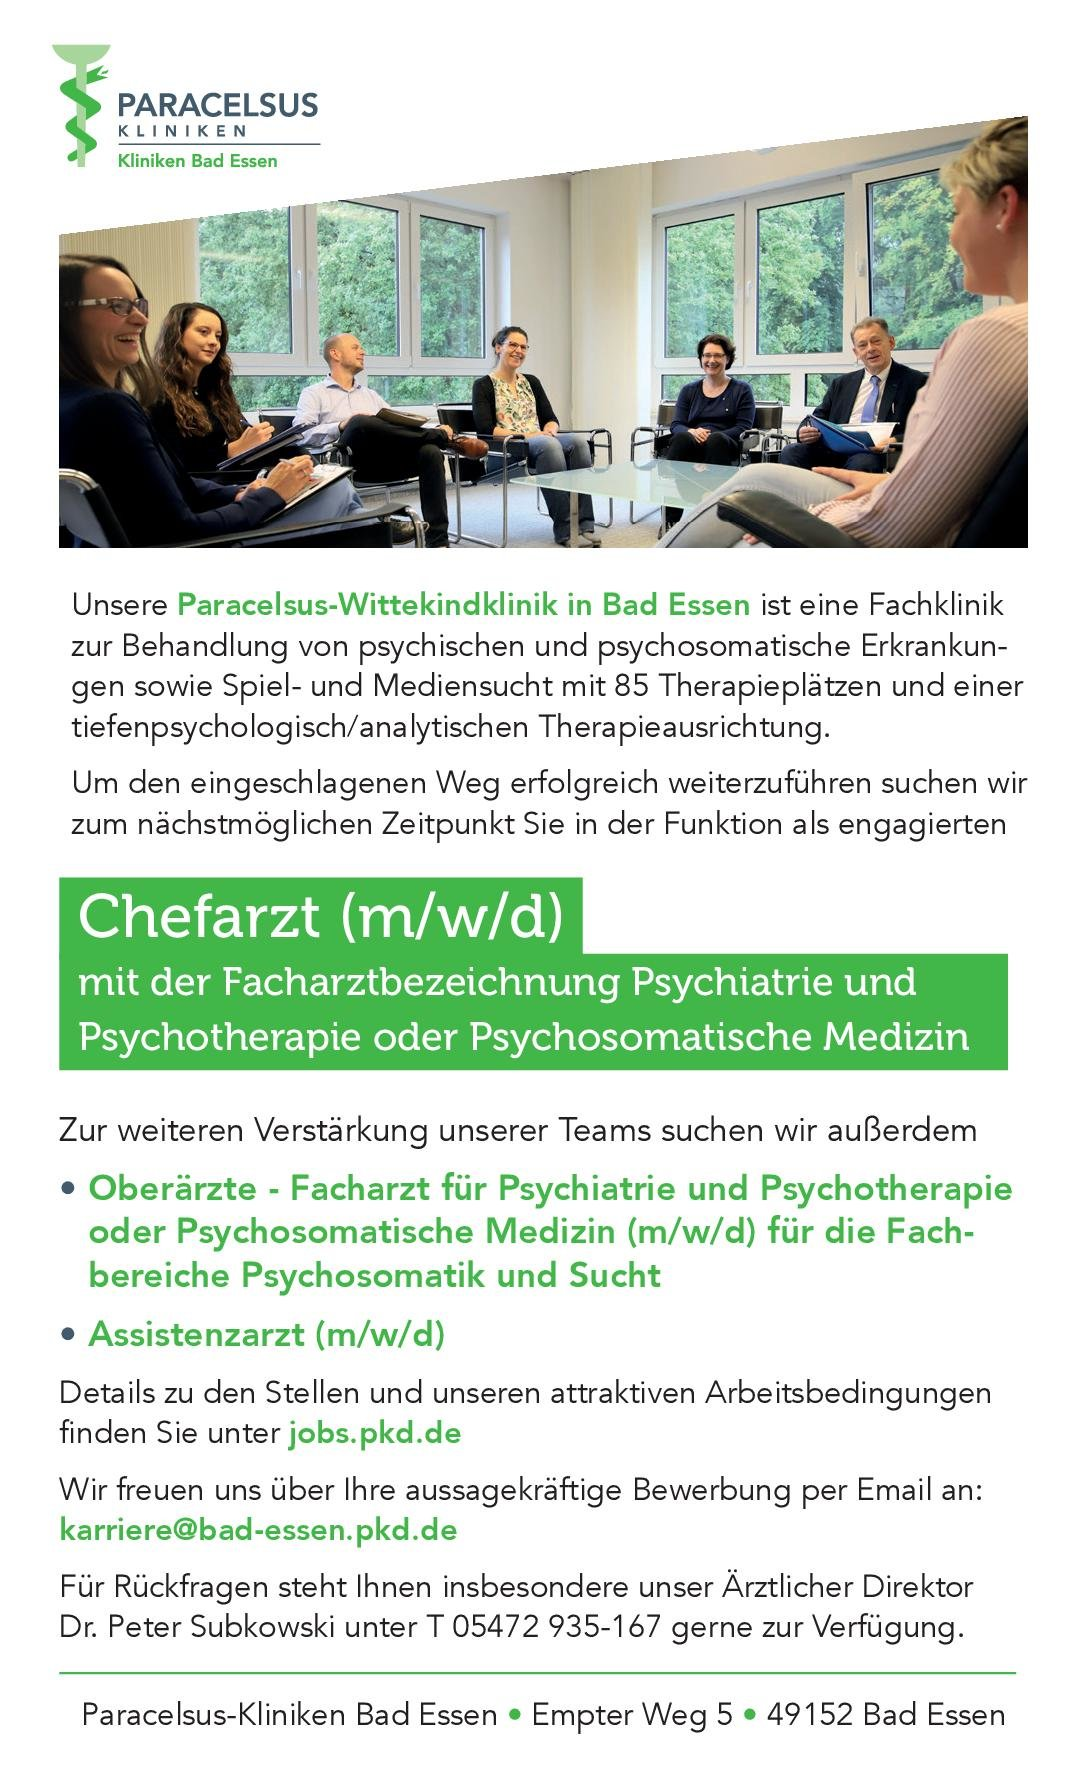 Paracelsus Kliniken Oberärzte - Facharzt für Psychiatrie und Psychotherapie oder Psychosomatische Medizin (m/w/d) für die Fachbereiche Psychosomatik und Sucht  Psychiatrie und Psychotherapie, Psychiatrie und Psychotherapie, Psychosomatische Medizin und Psychotherapie Arzt / Facharzt, Oberarzt